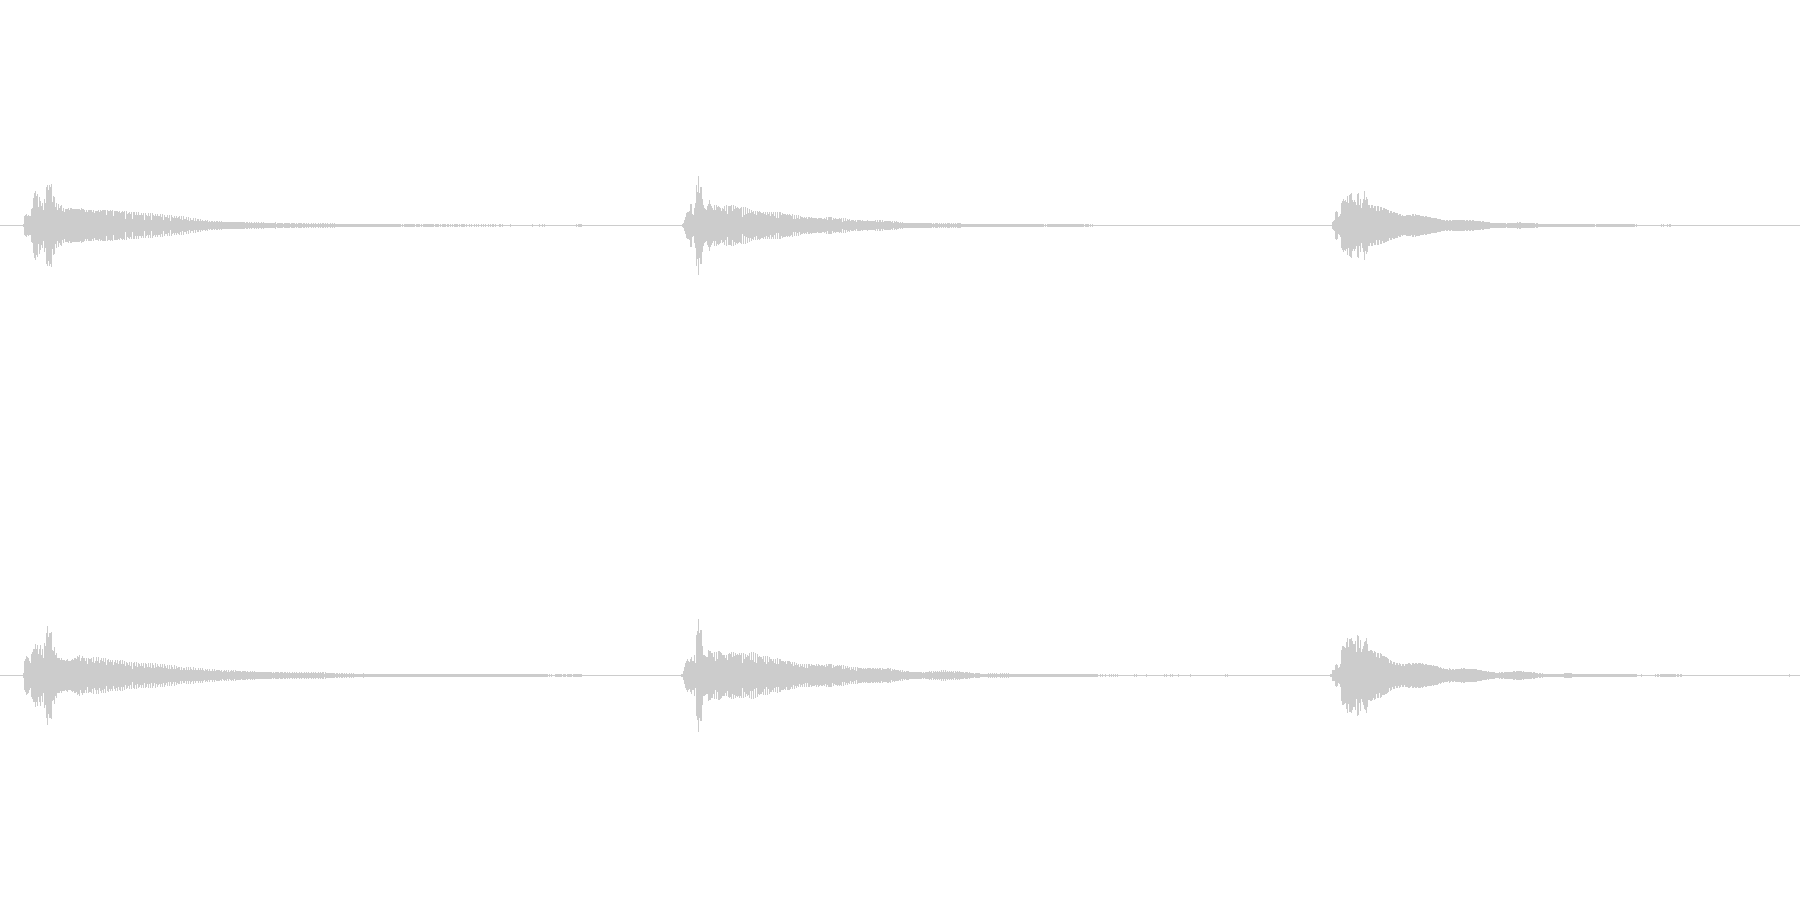 素材 ウエスタンギターコードフルメ...の未再生の波形